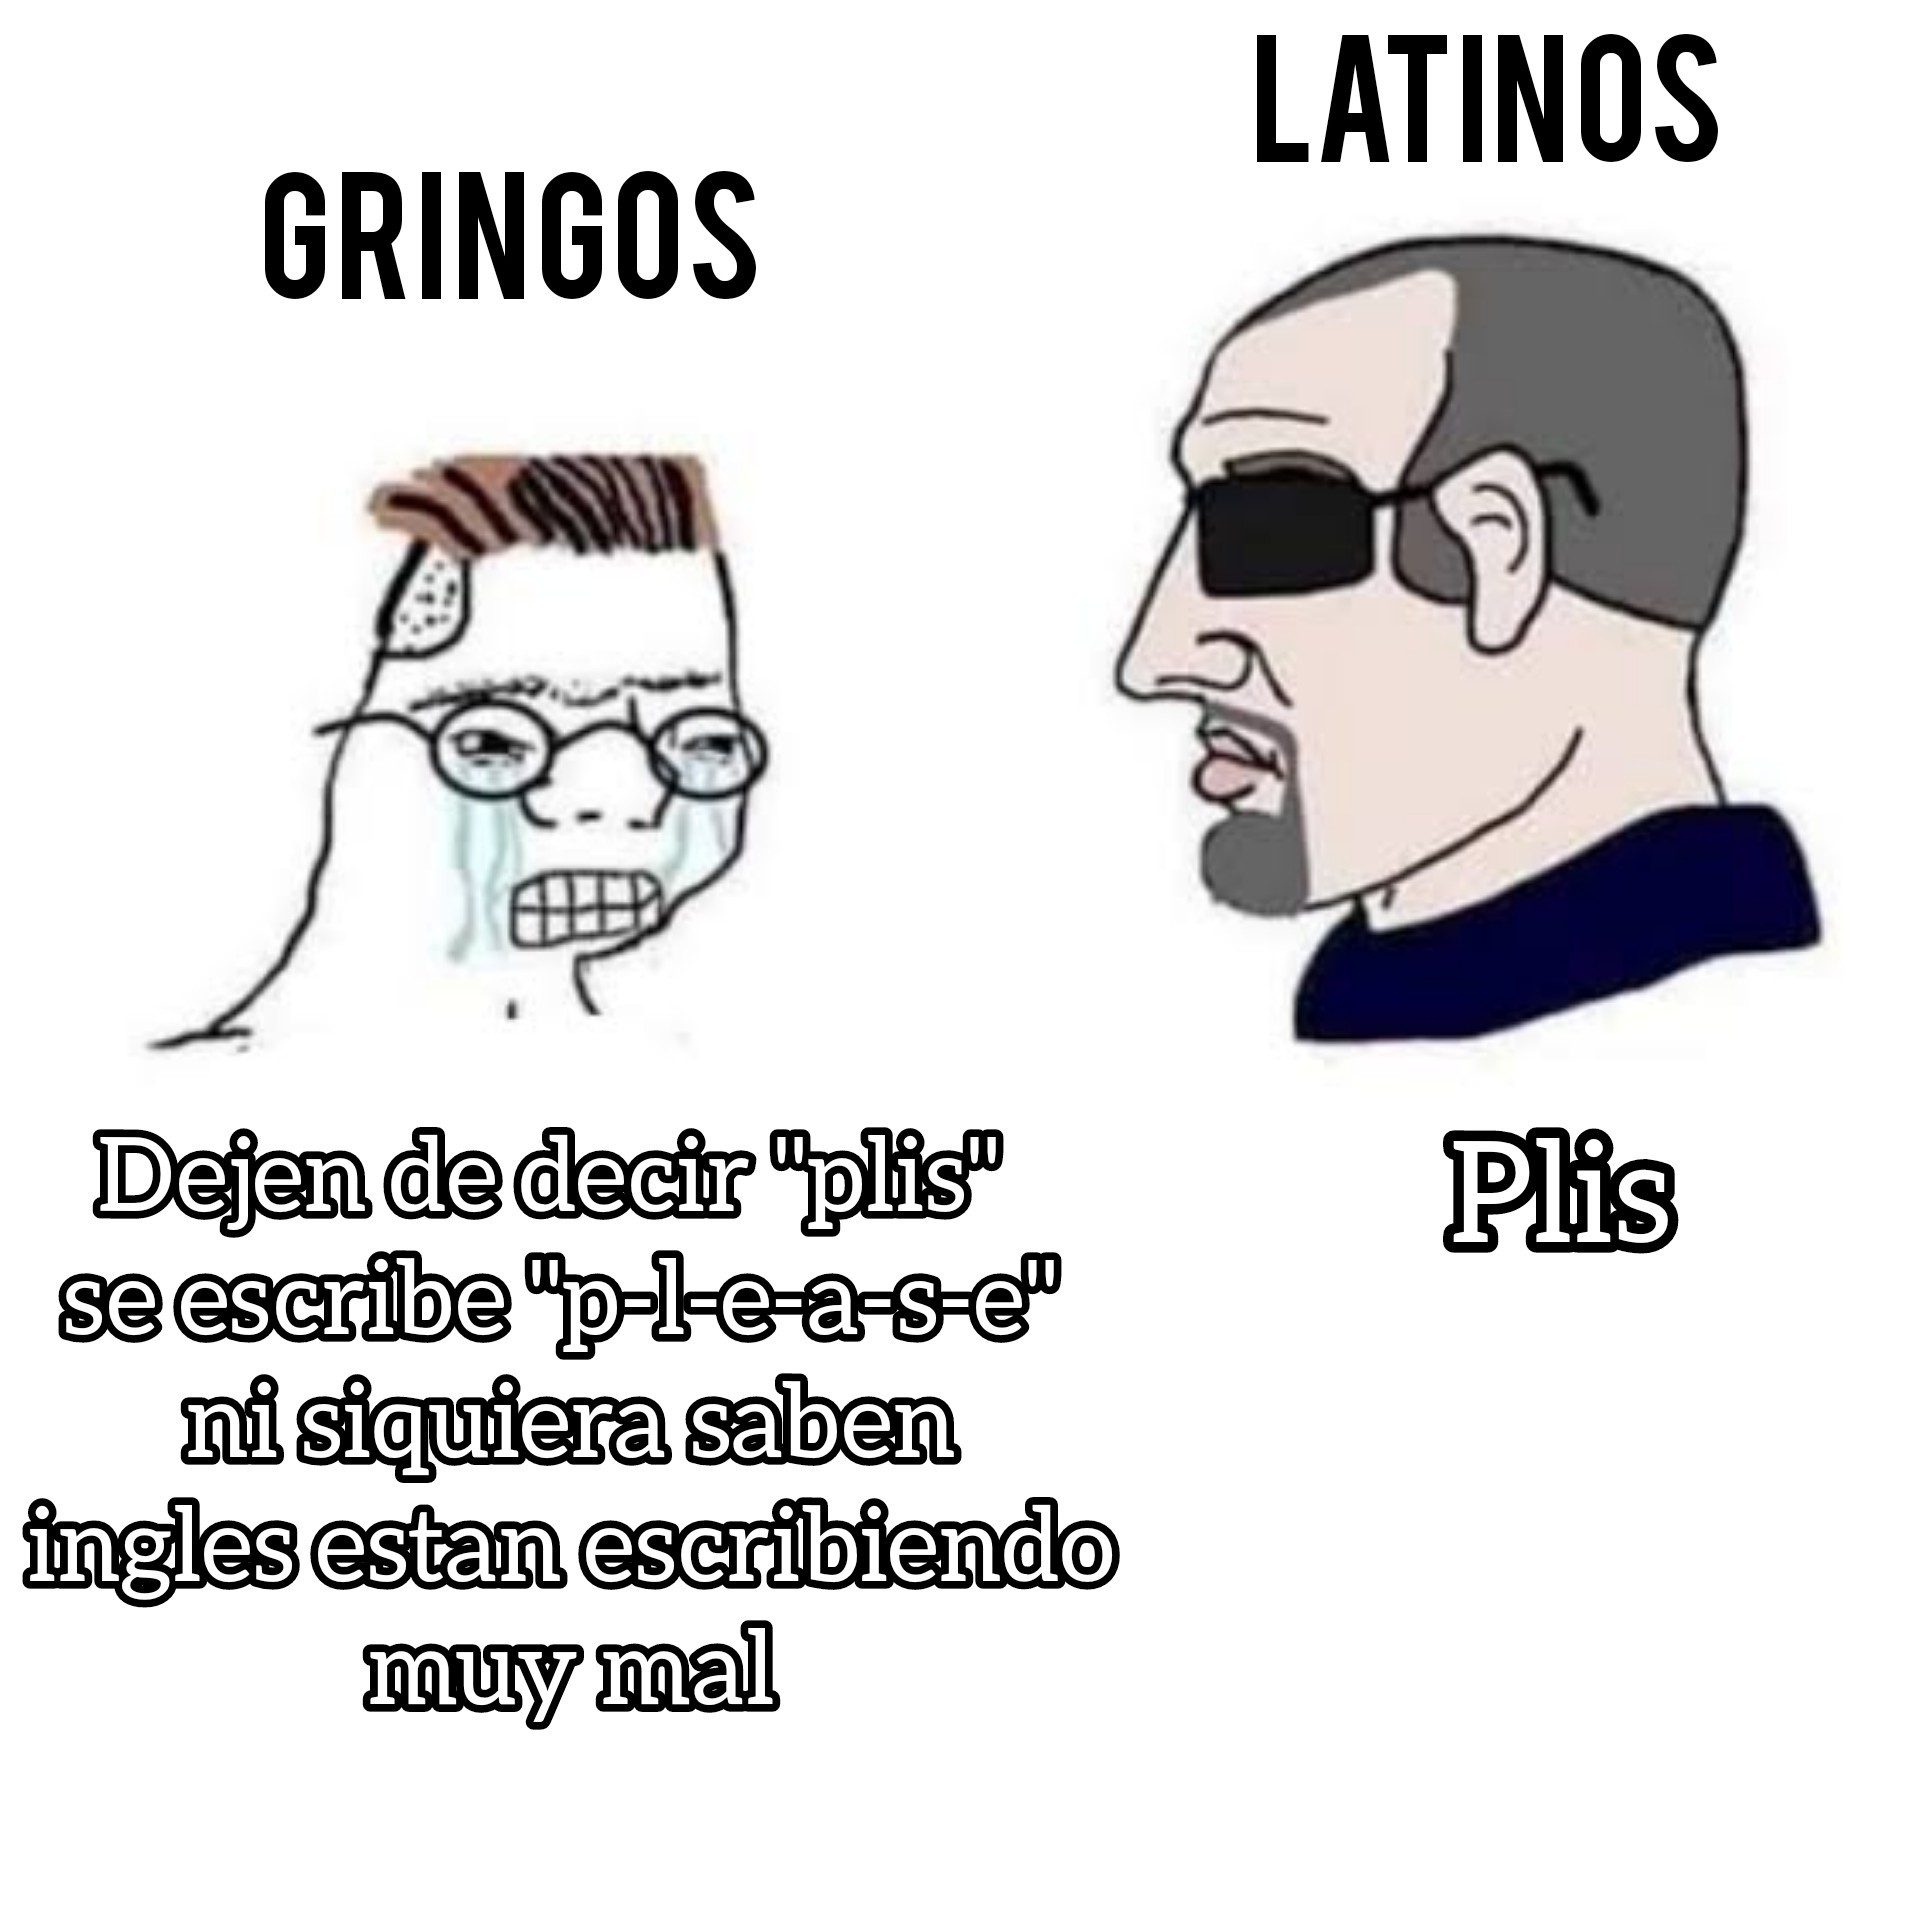 Plis - meme